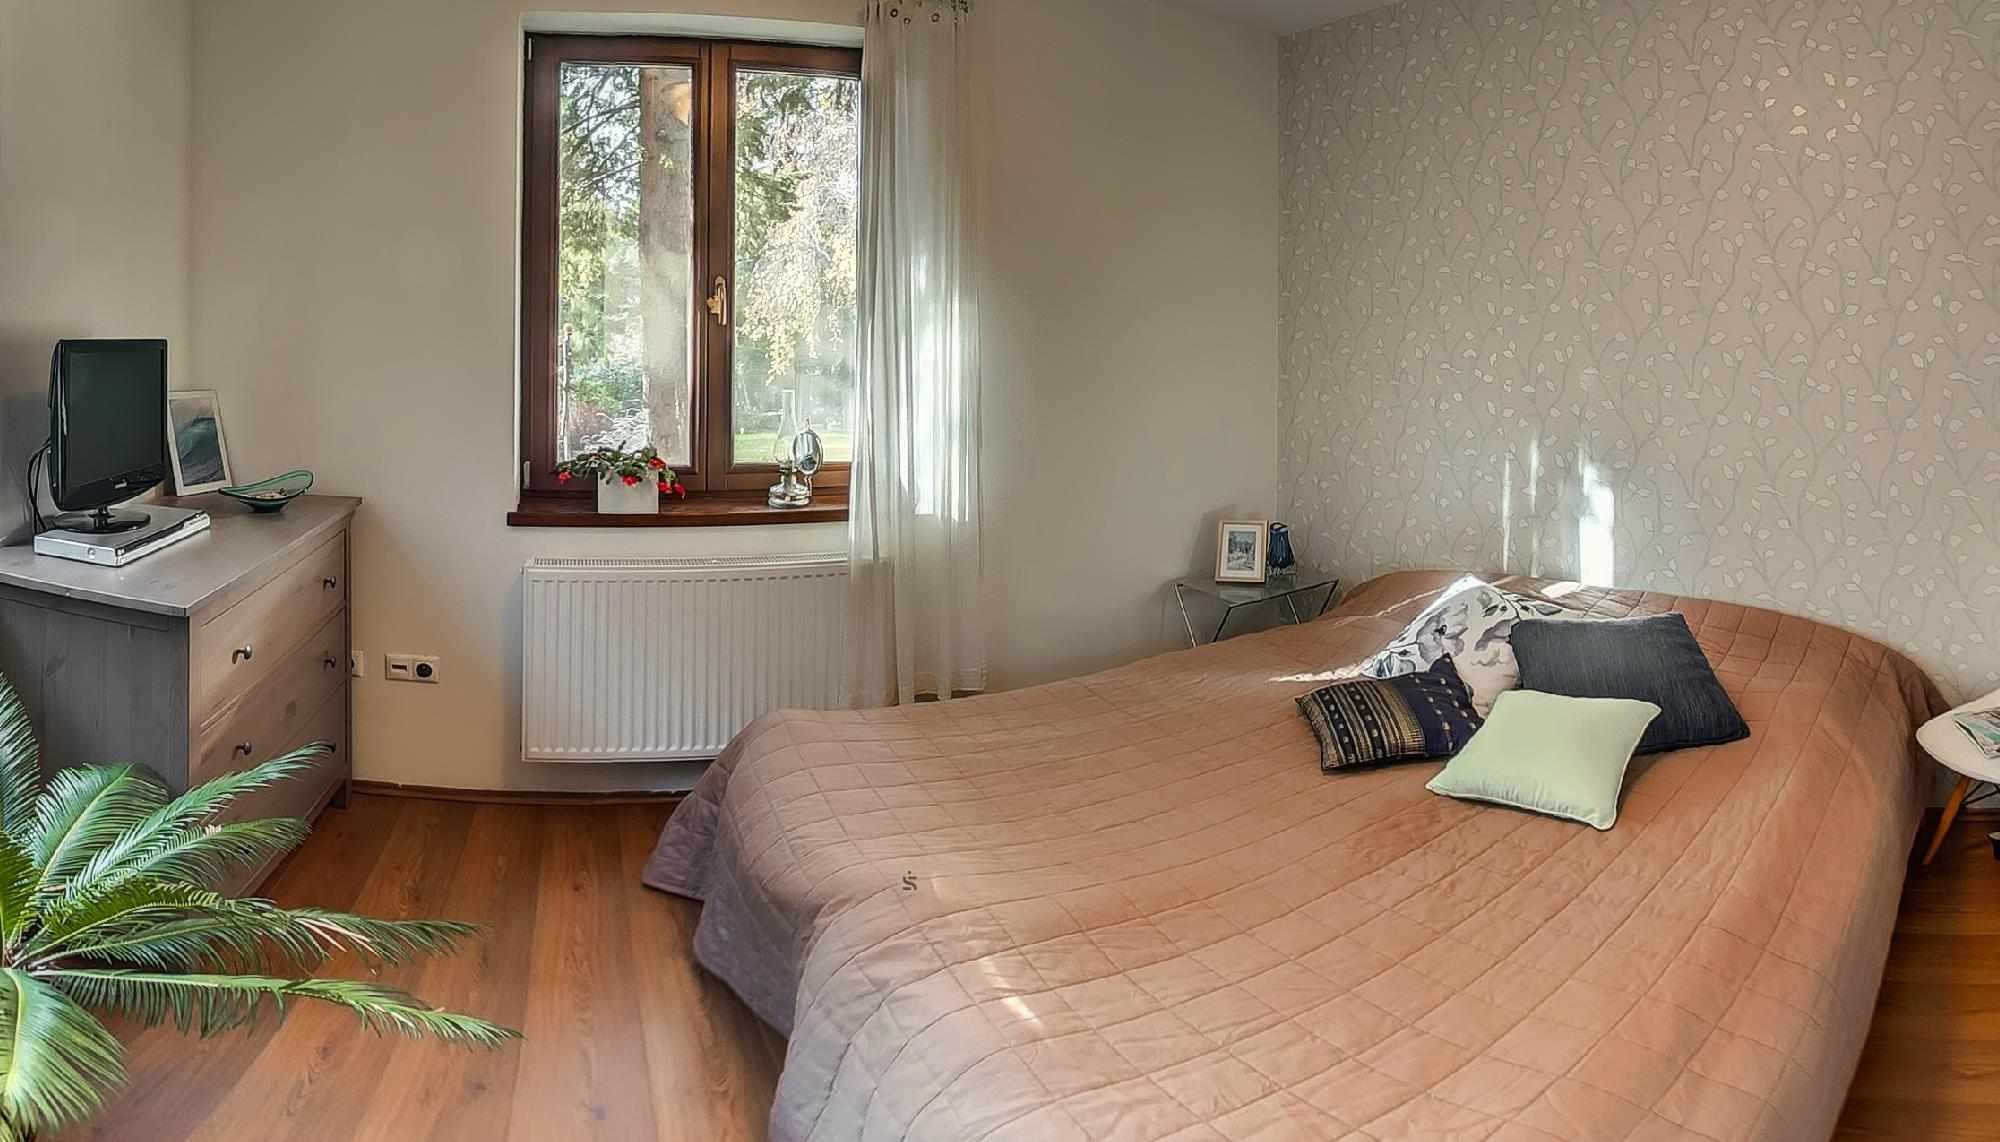 Ingatlanséta - Eladó ingatlan Szentendre 1823791